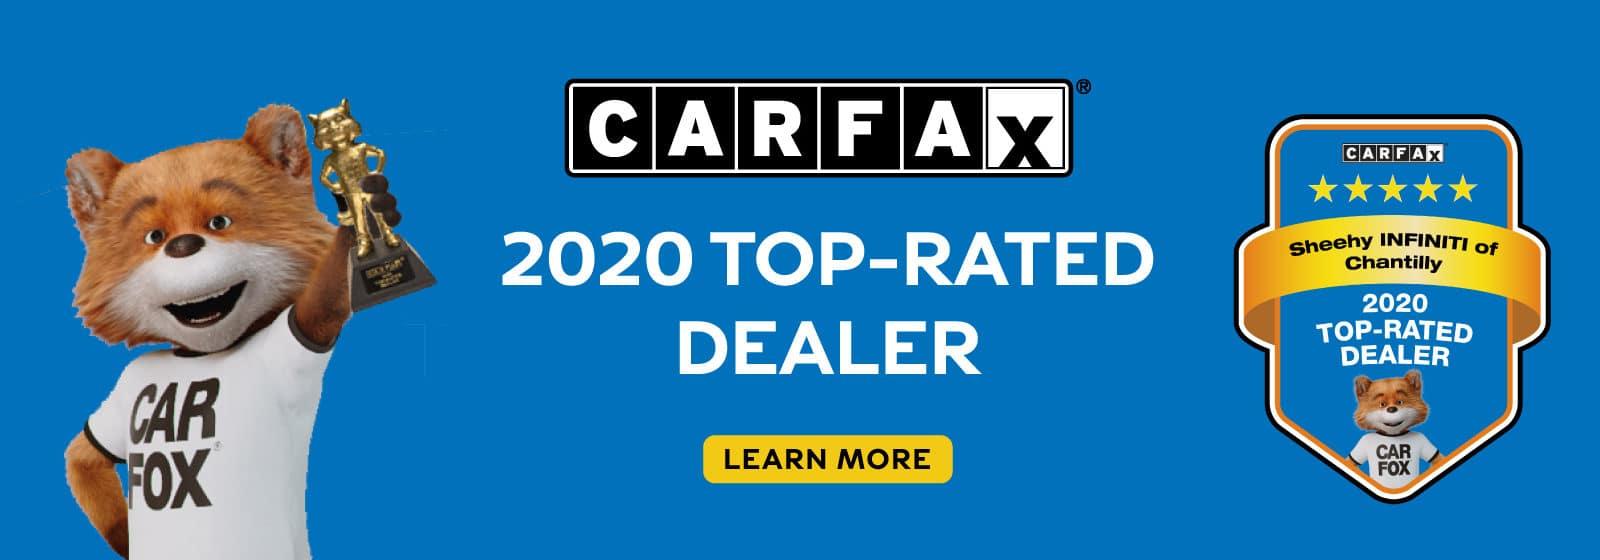 CH-APR2021-CarFaxTopDealer-1620×560-webslider